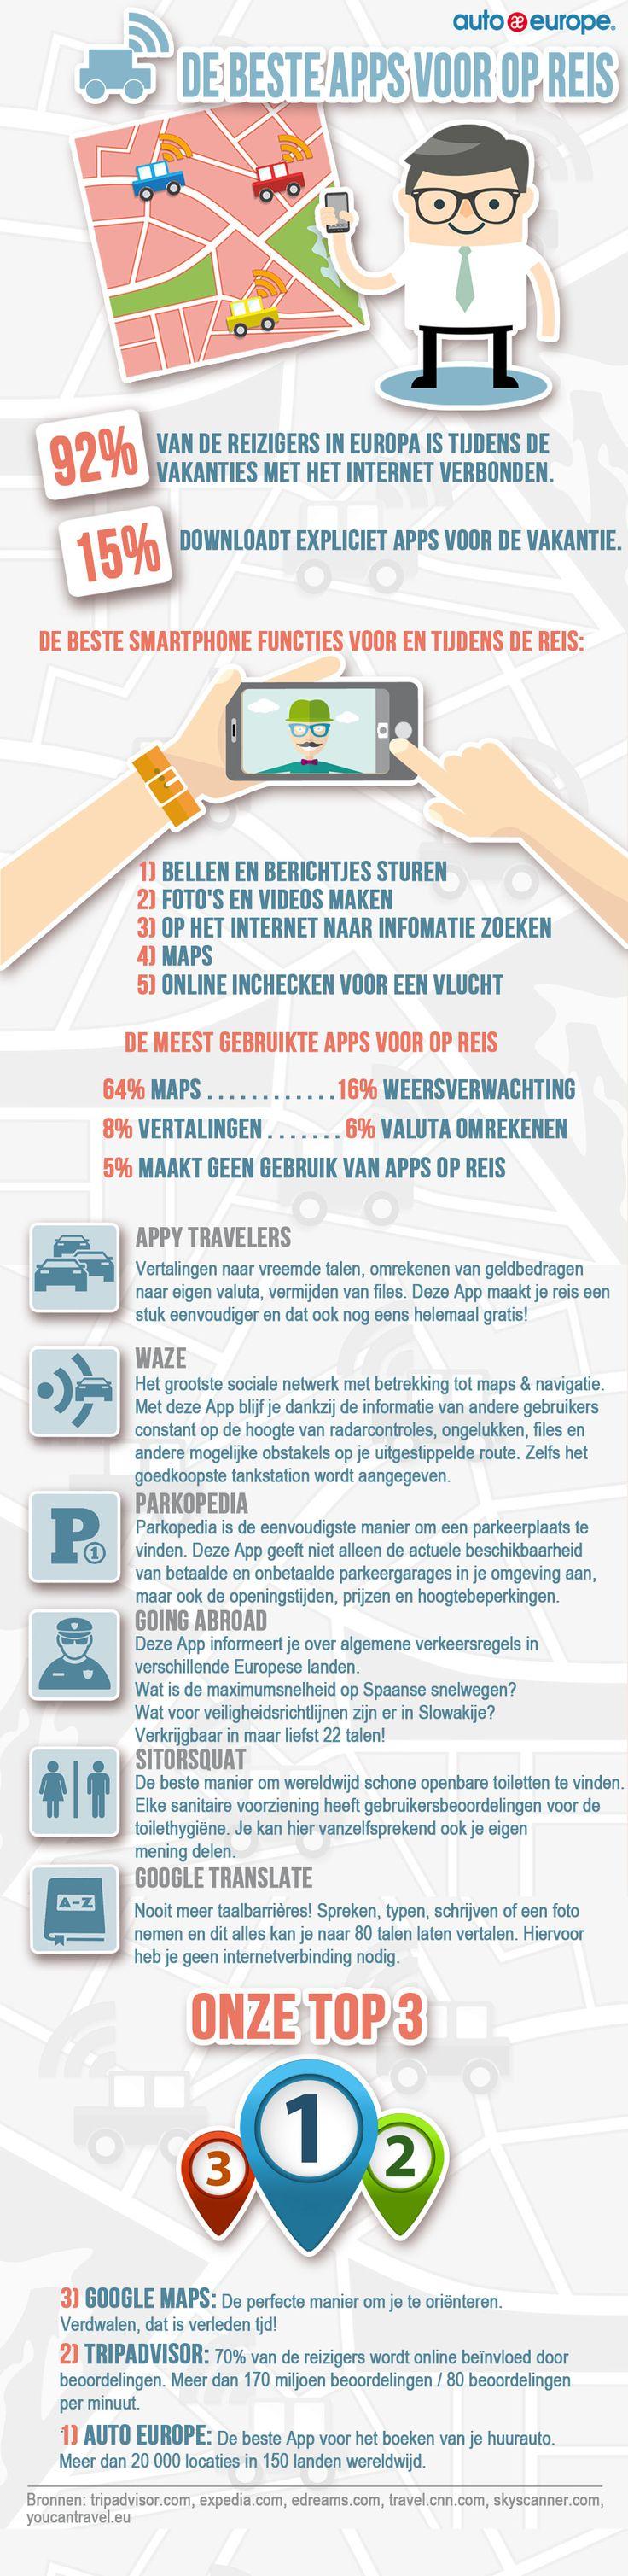 Infographic: De juiste travel-apps voor een perfecte reis - Meer Auto Europe infographics vindt u hier: http://www.autoeurope.nl/go/infographics/